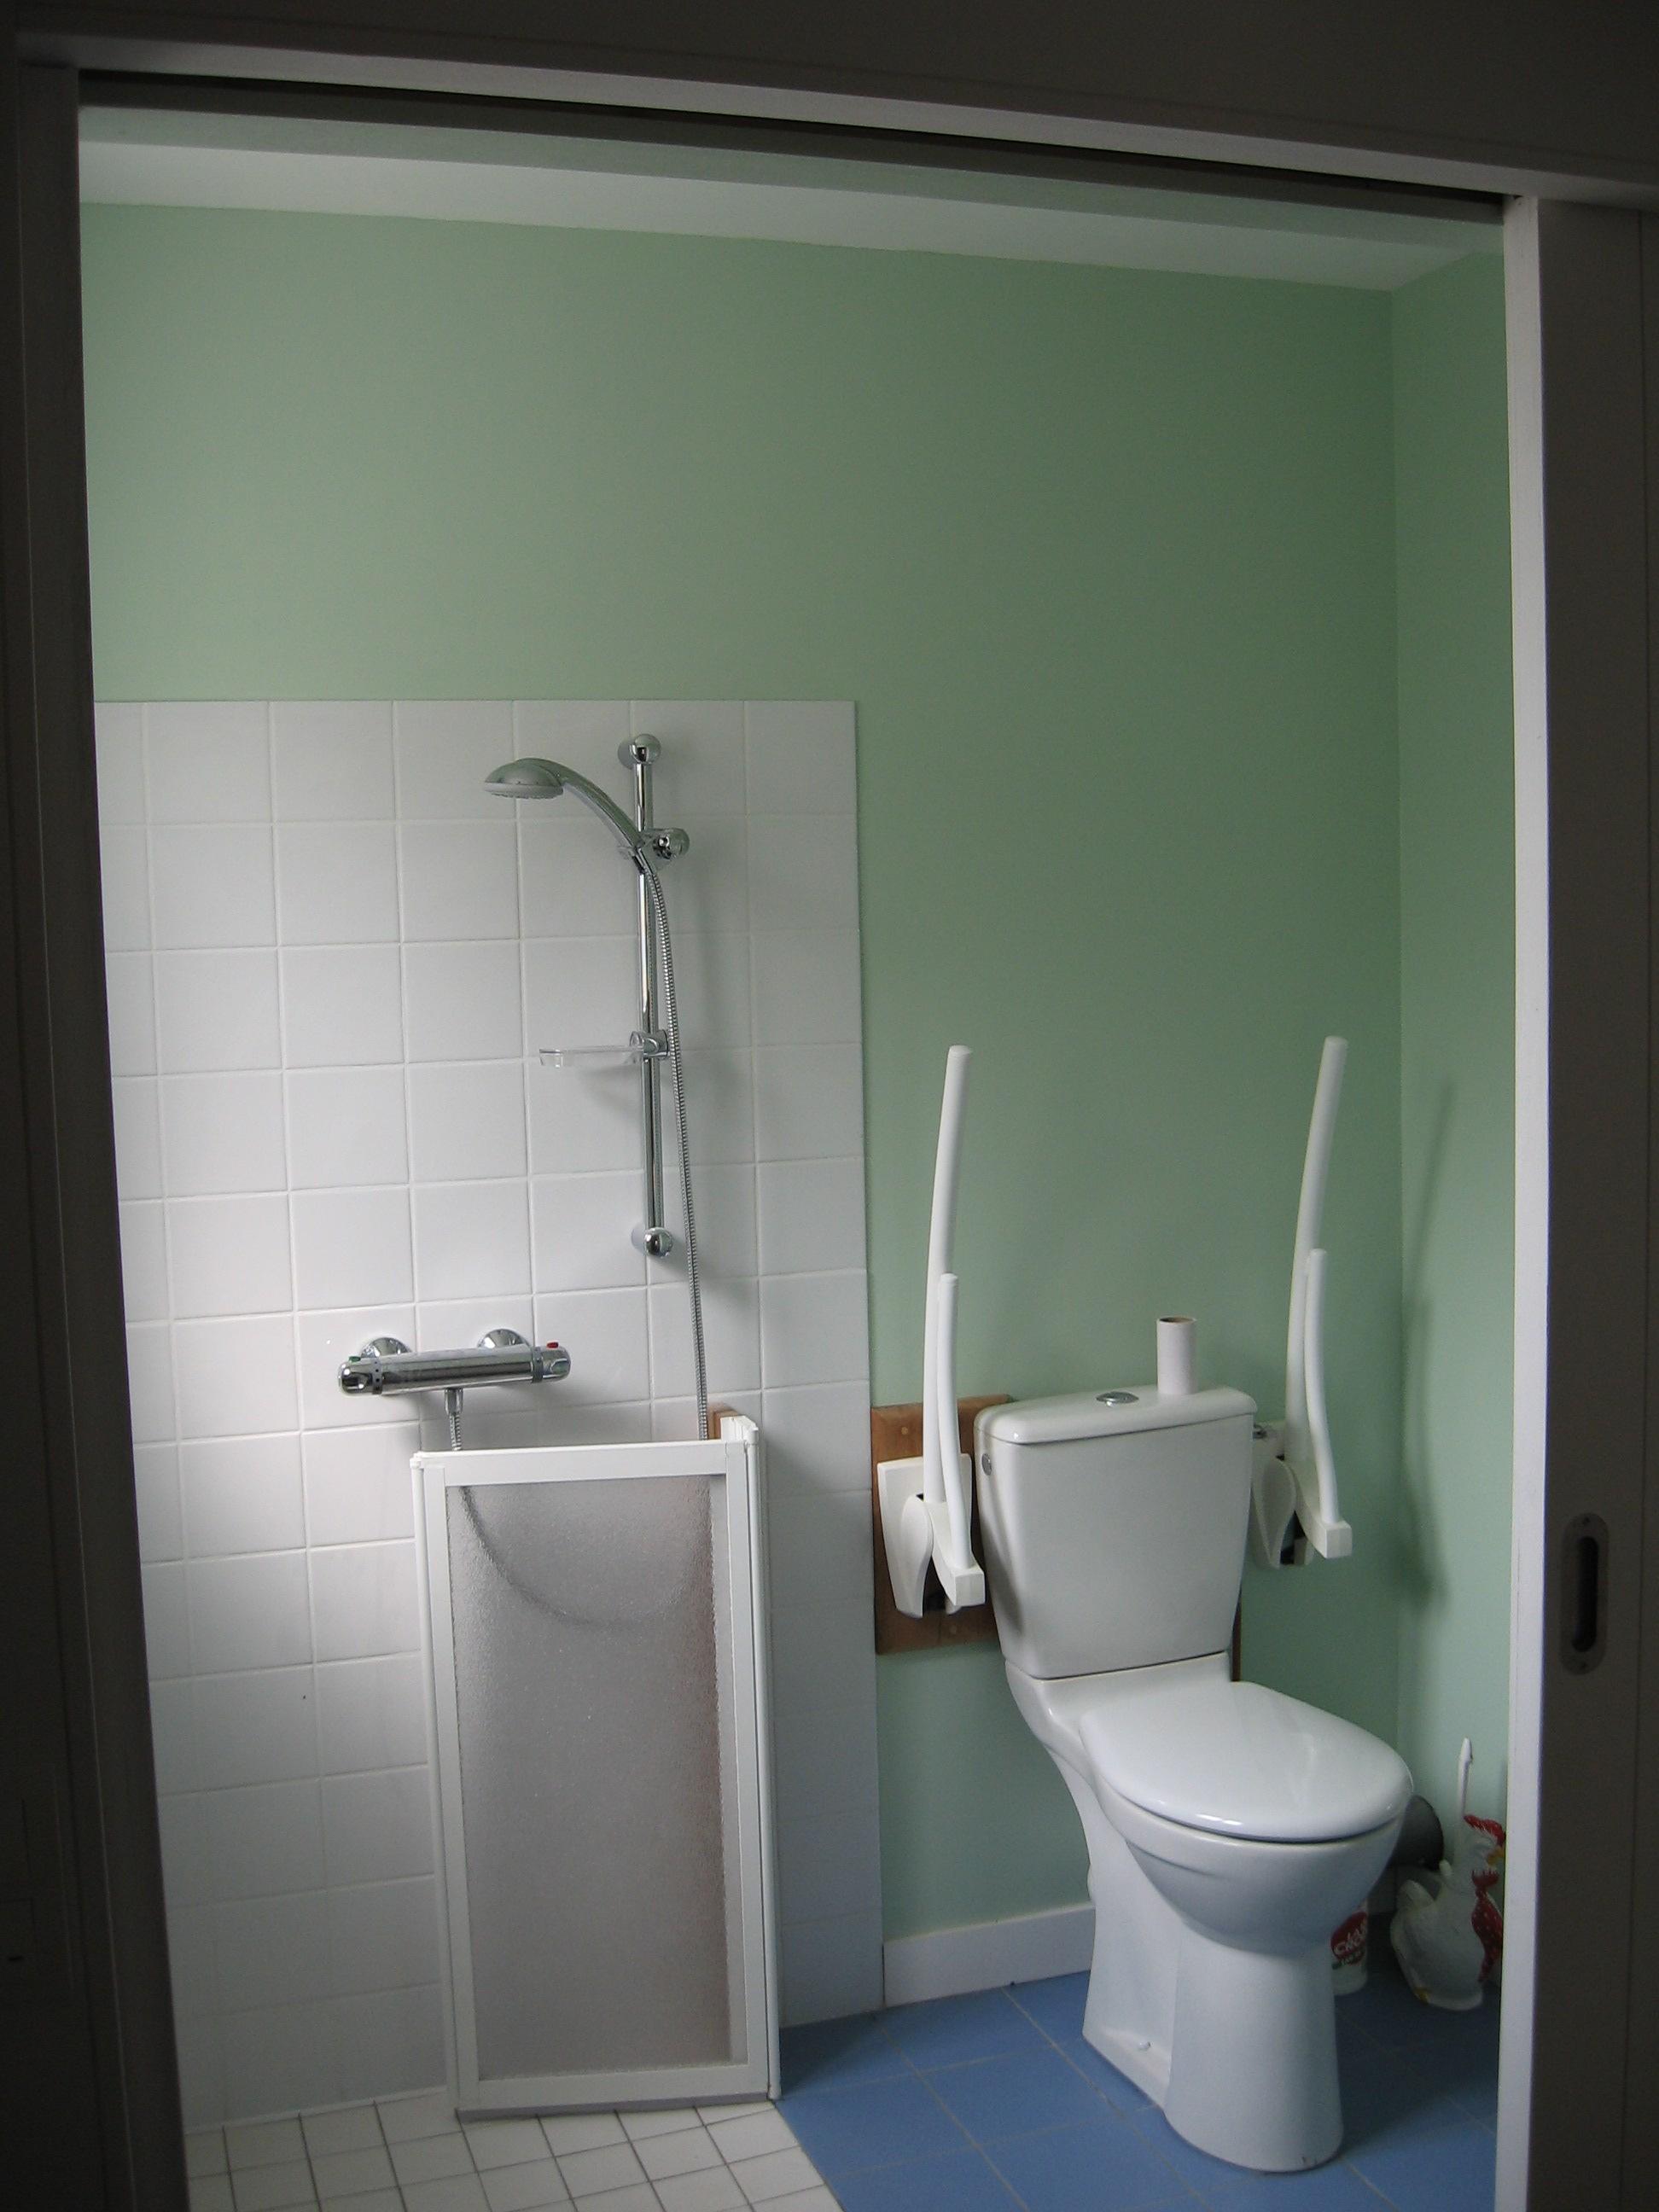 porte handicap gascity for. Black Bedroom Furniture Sets. Home Design Ideas